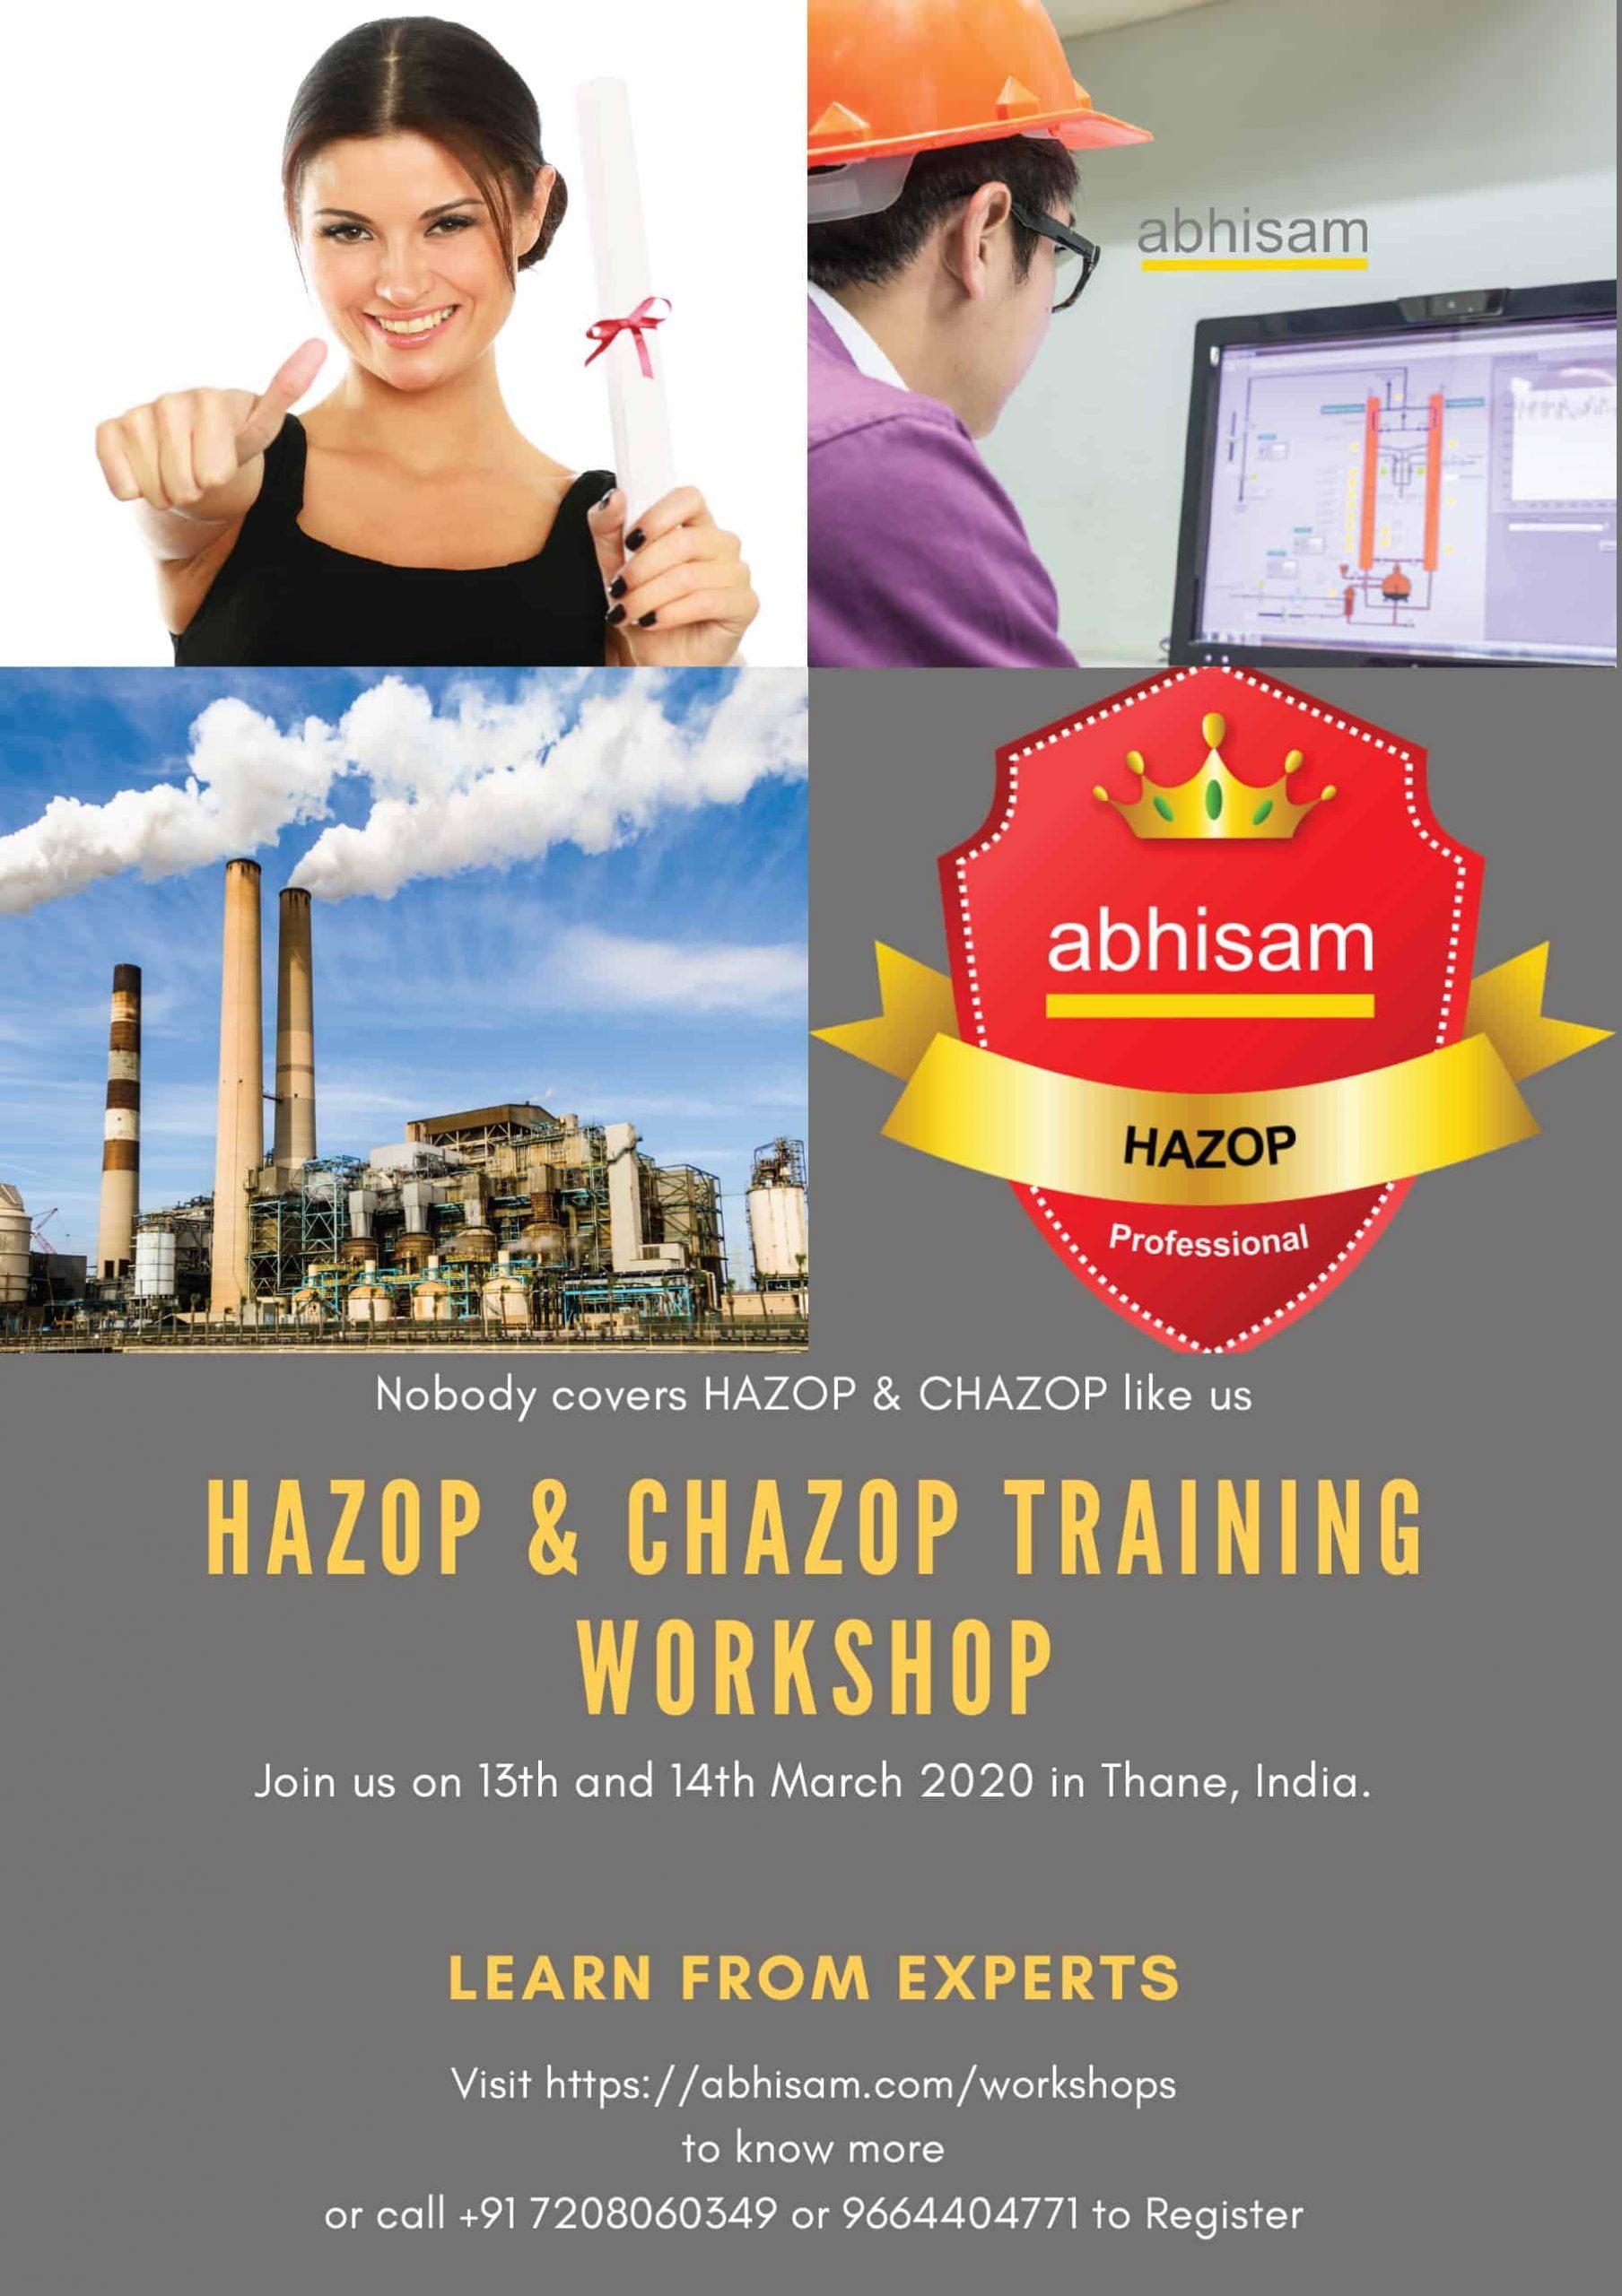 Abhisam HAZOP and CHAZOP Workshop